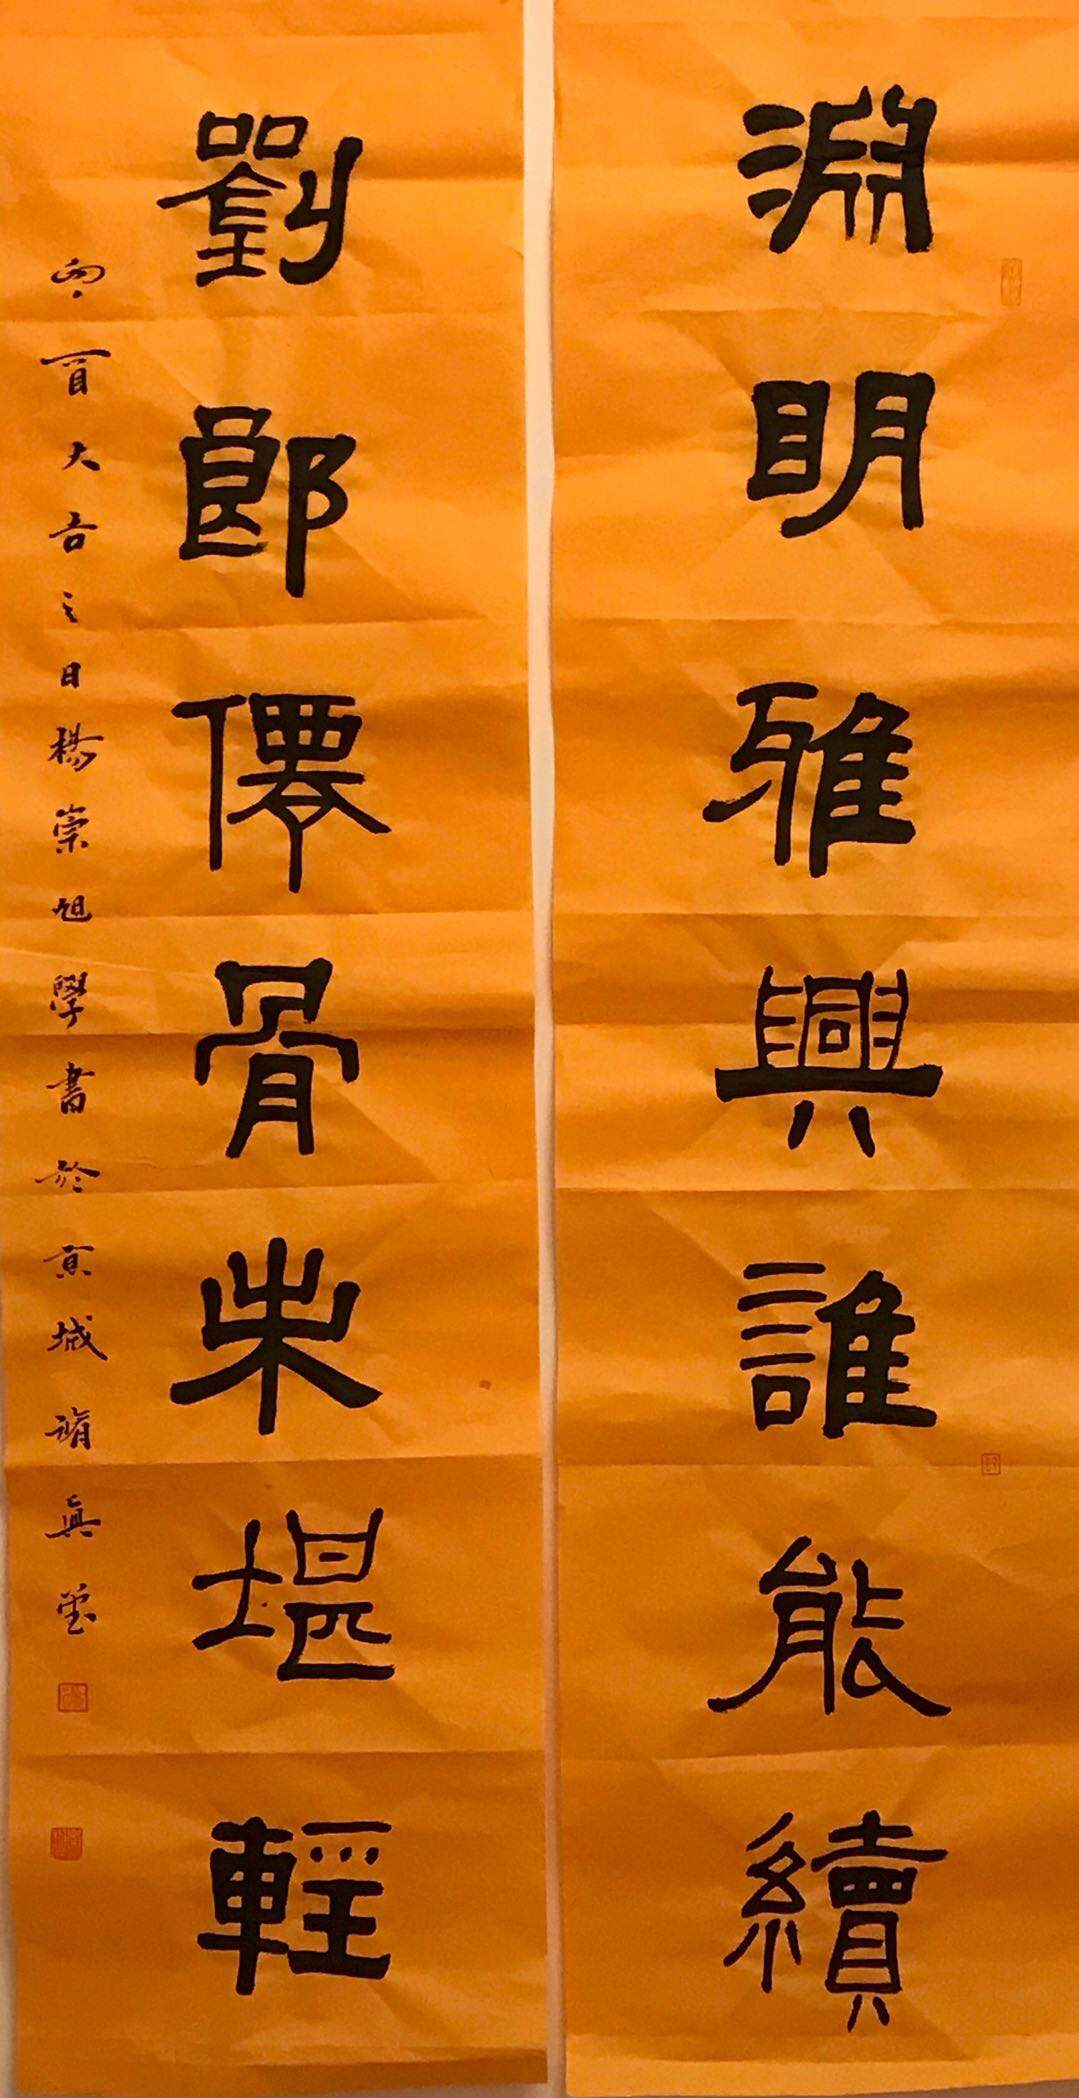 杨旭道长书法作品